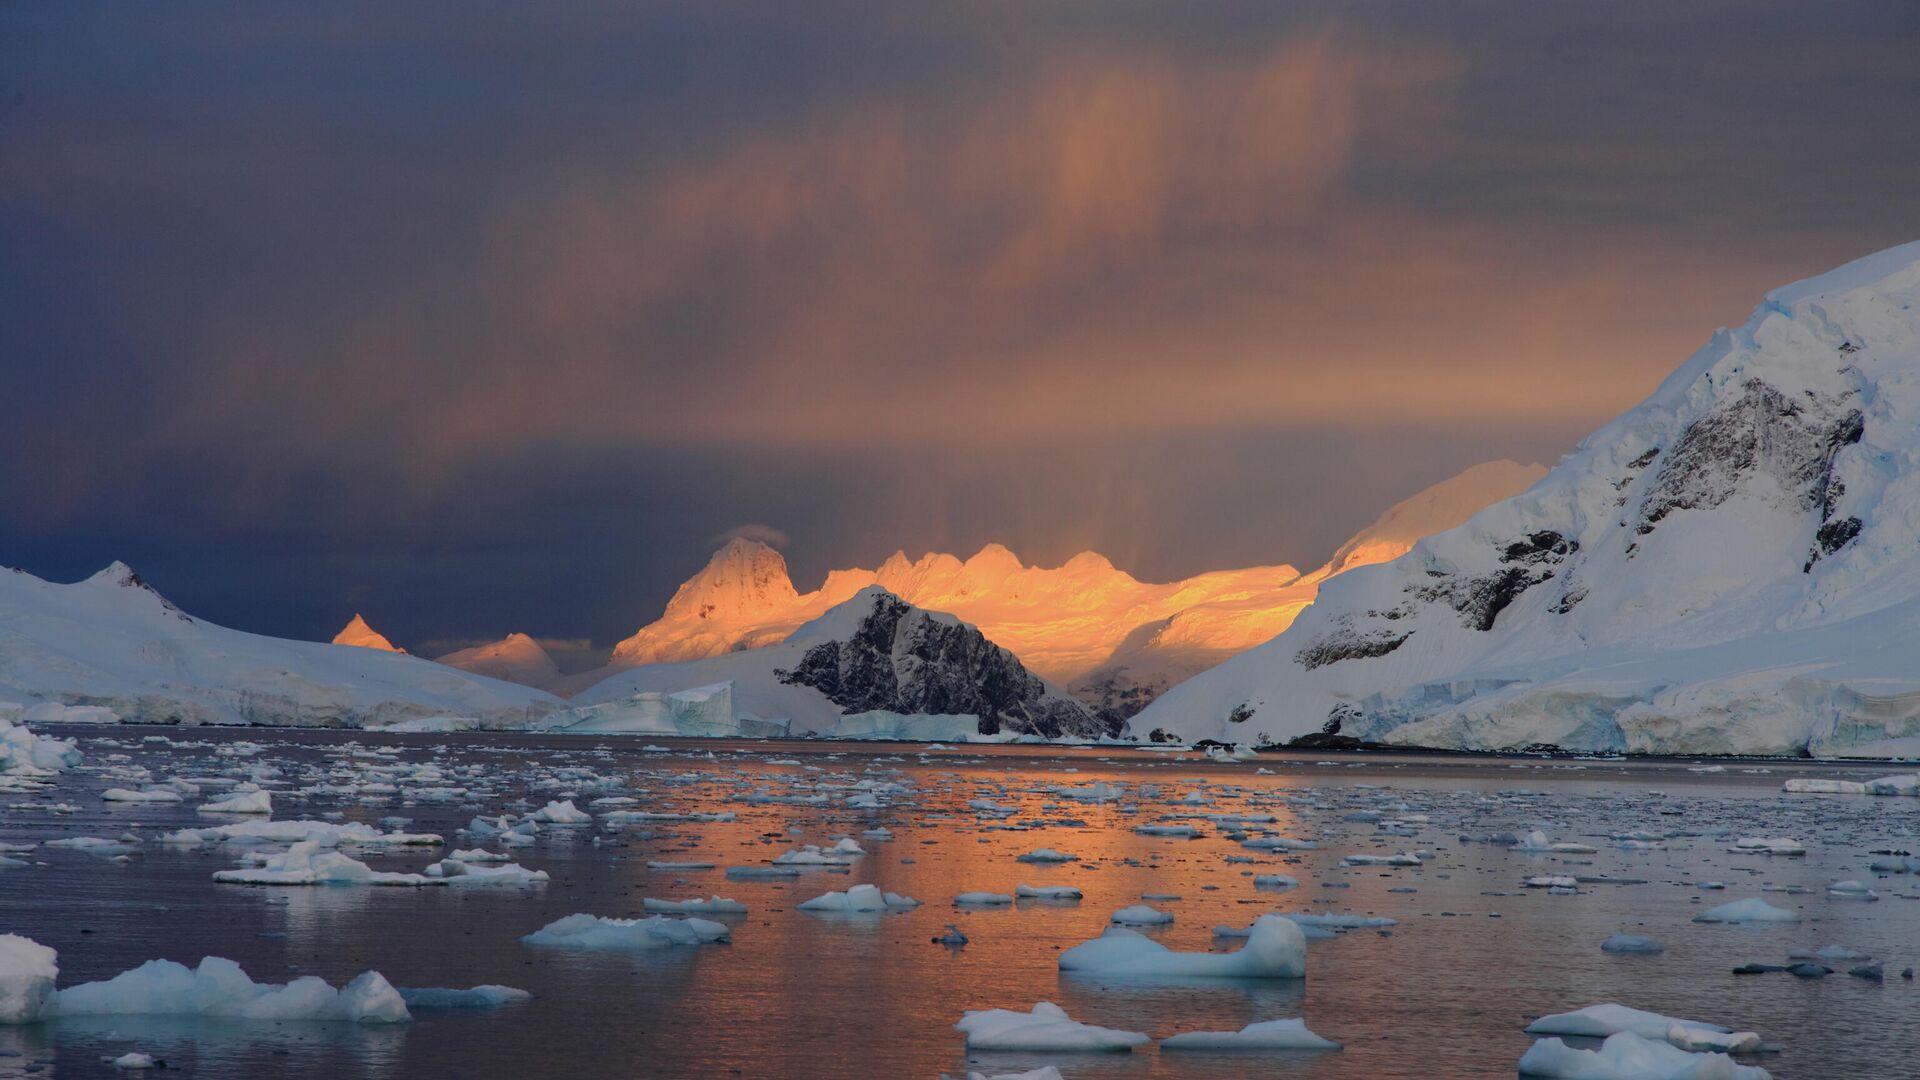 Таяние ледников Антарктиды - РИА Новости, 1920, 21.01.2021